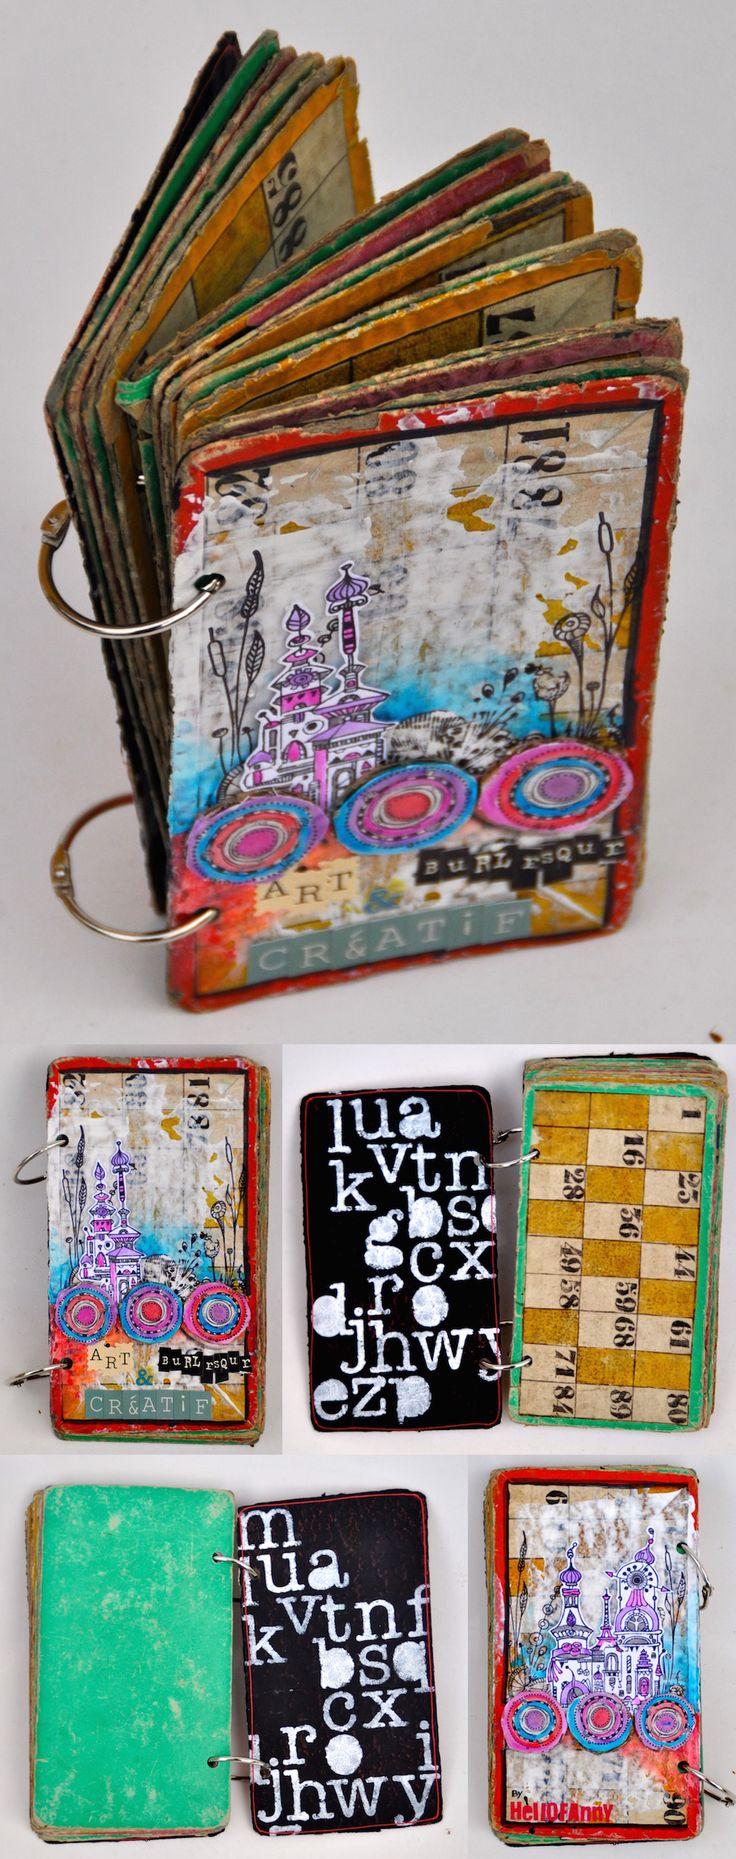 Voici la structure de l'album (ce sont de vieux carton de loto) ainsi que les couvertures Par http://hellofannyscrap.com/